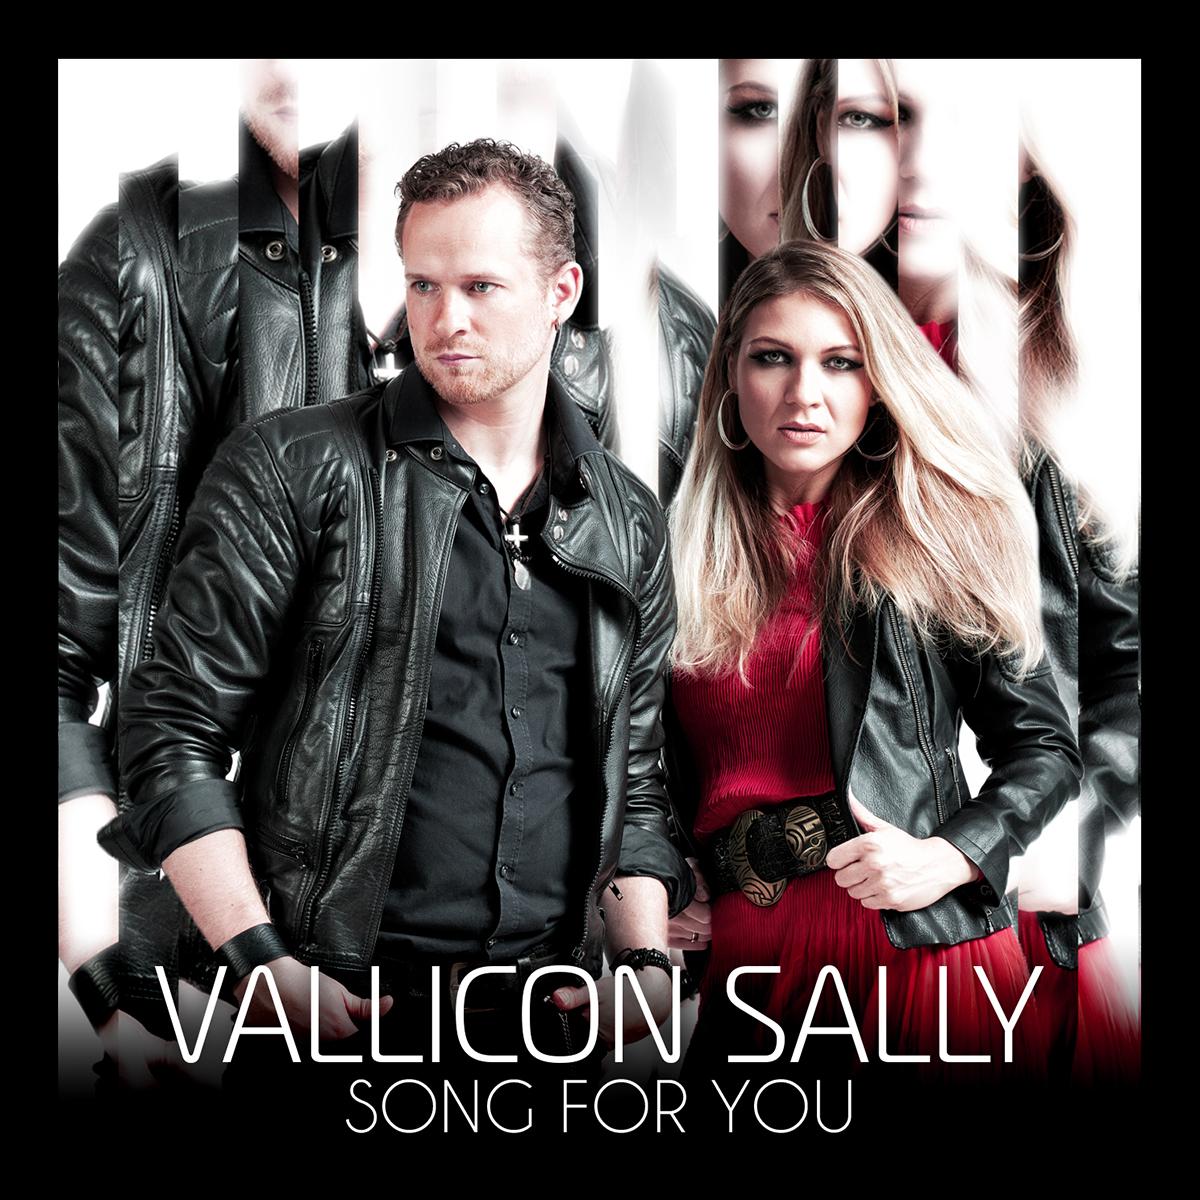 Cover Artwork - Song For You - Sally und Francis stehen nebeneinander vor einer Art Spiegel. Er trägt eine schwarze Lederjacke und sie ebenso. Darunter trägt sie ein rotes Kleid mit einem auffälligen Gürtel.